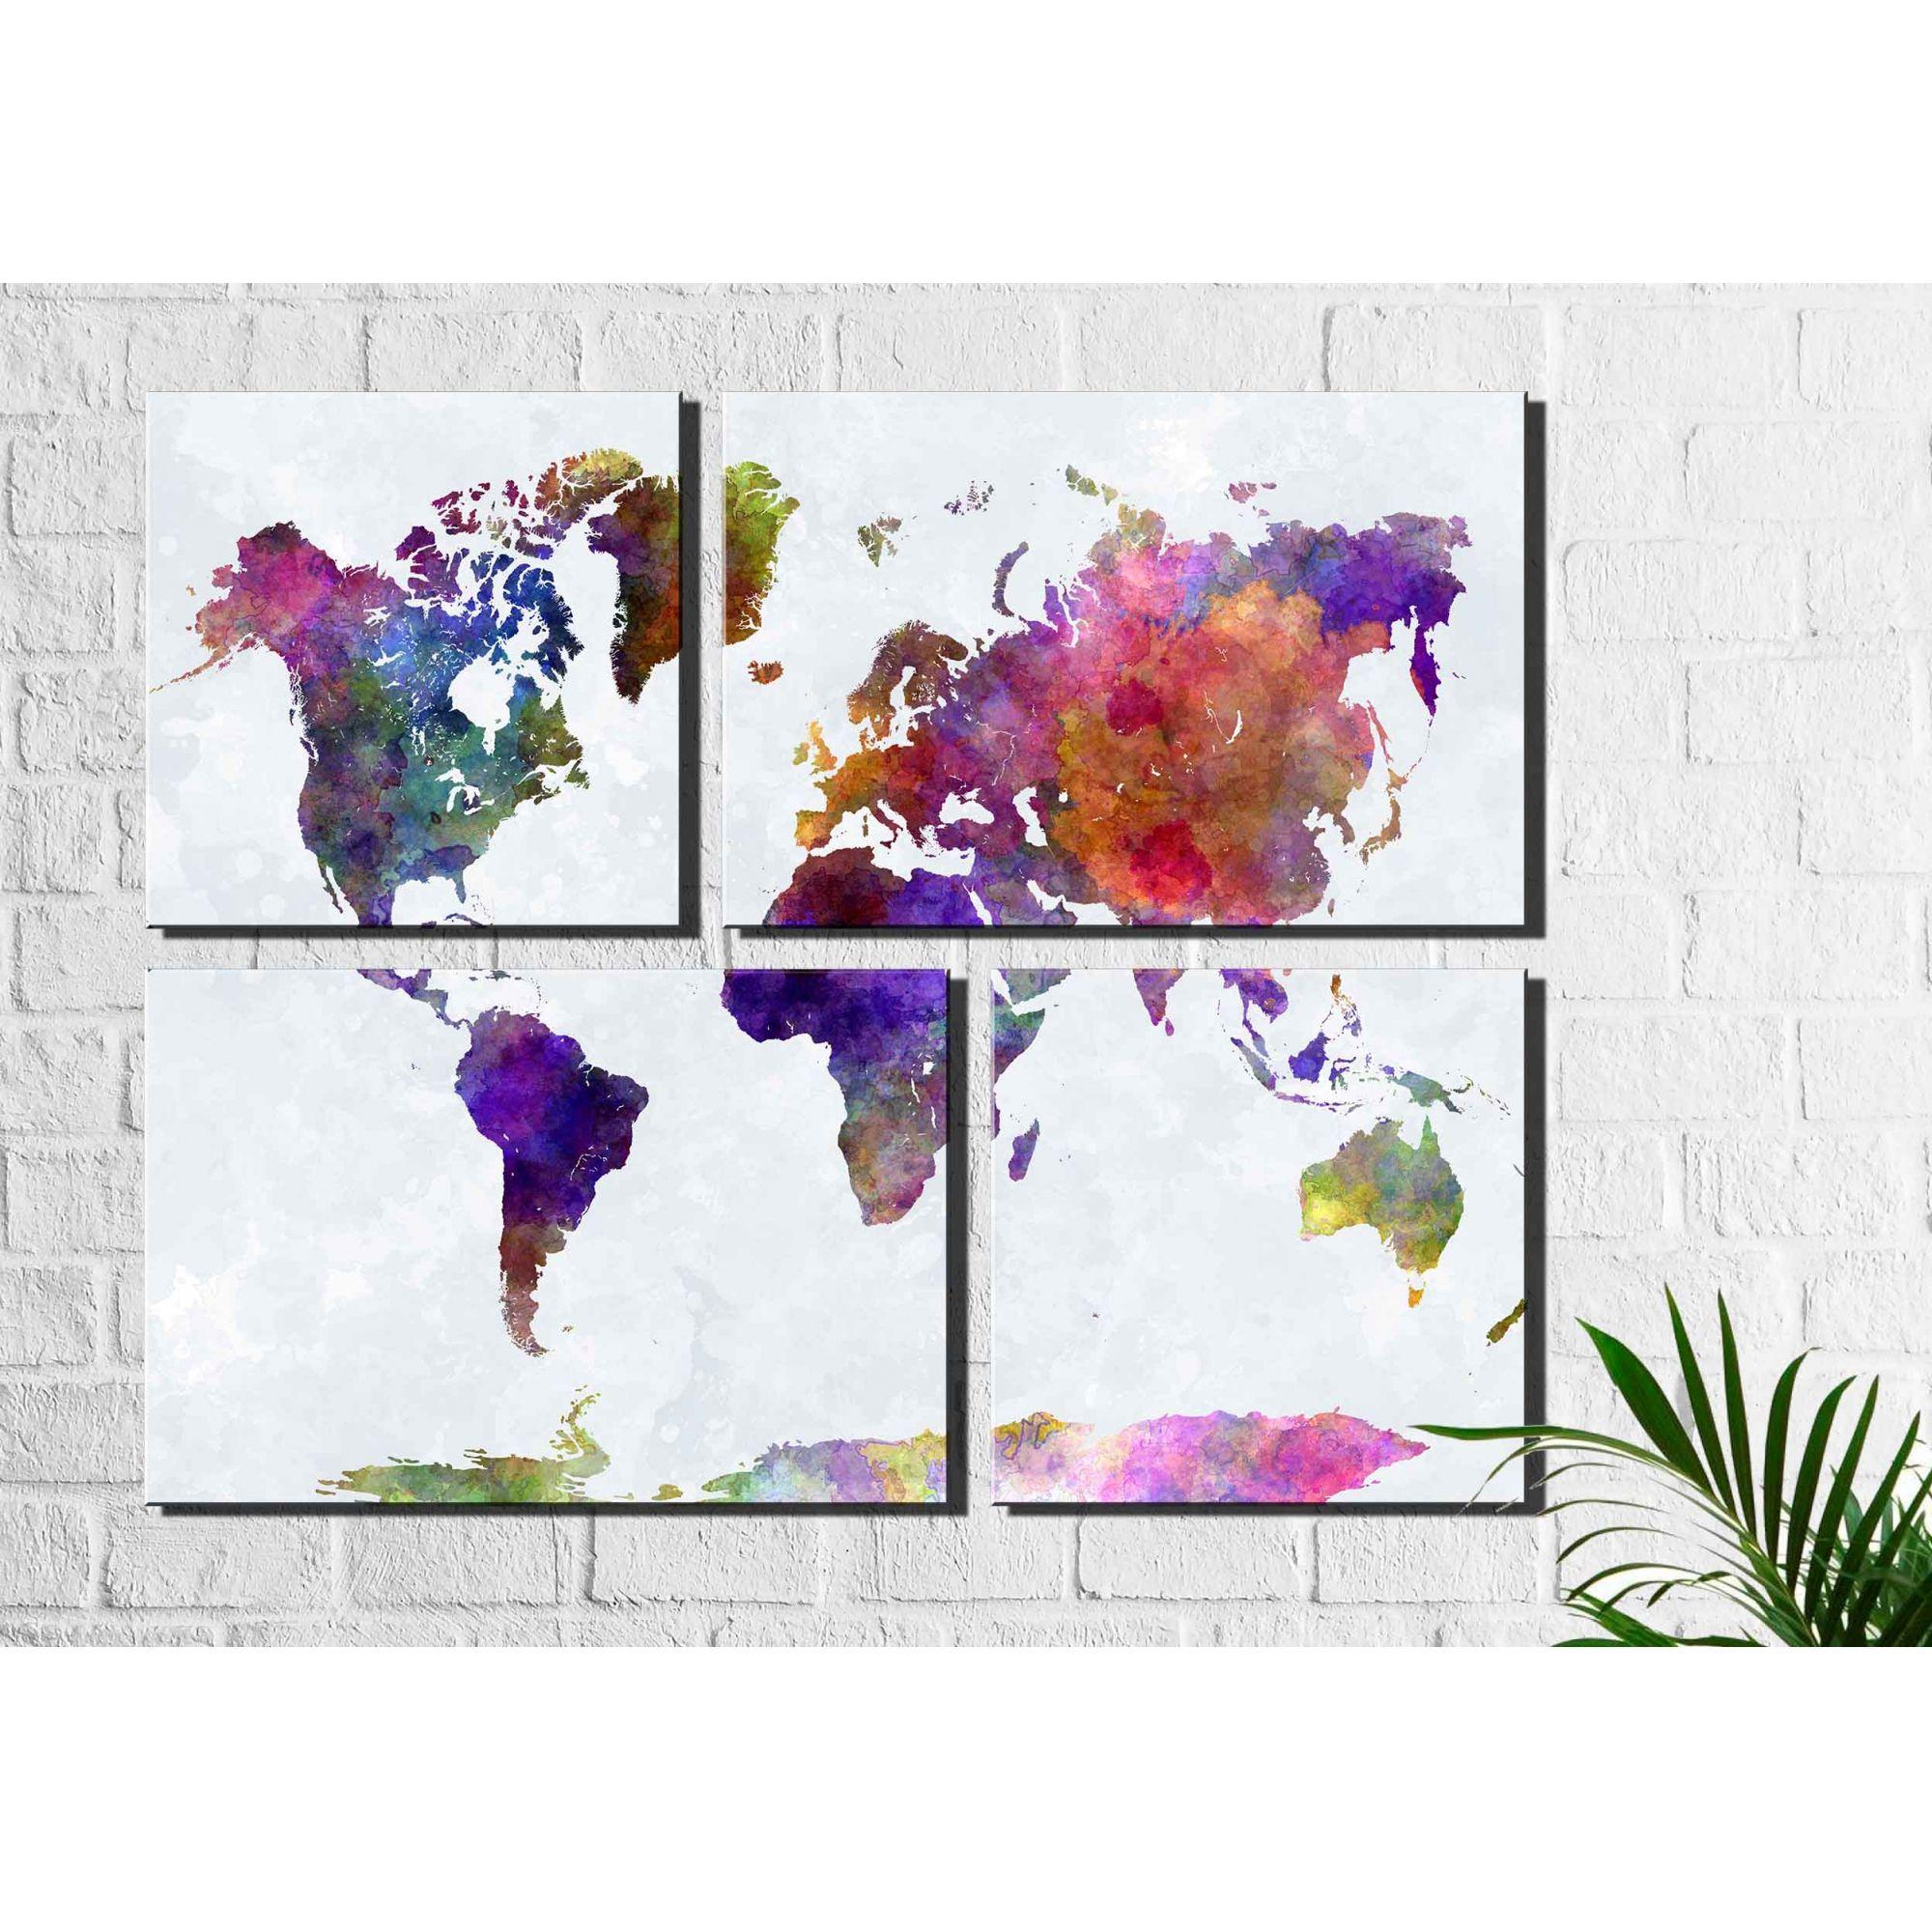 4 Quadros Decorativos Mapa Mundi Colorido Aquarela